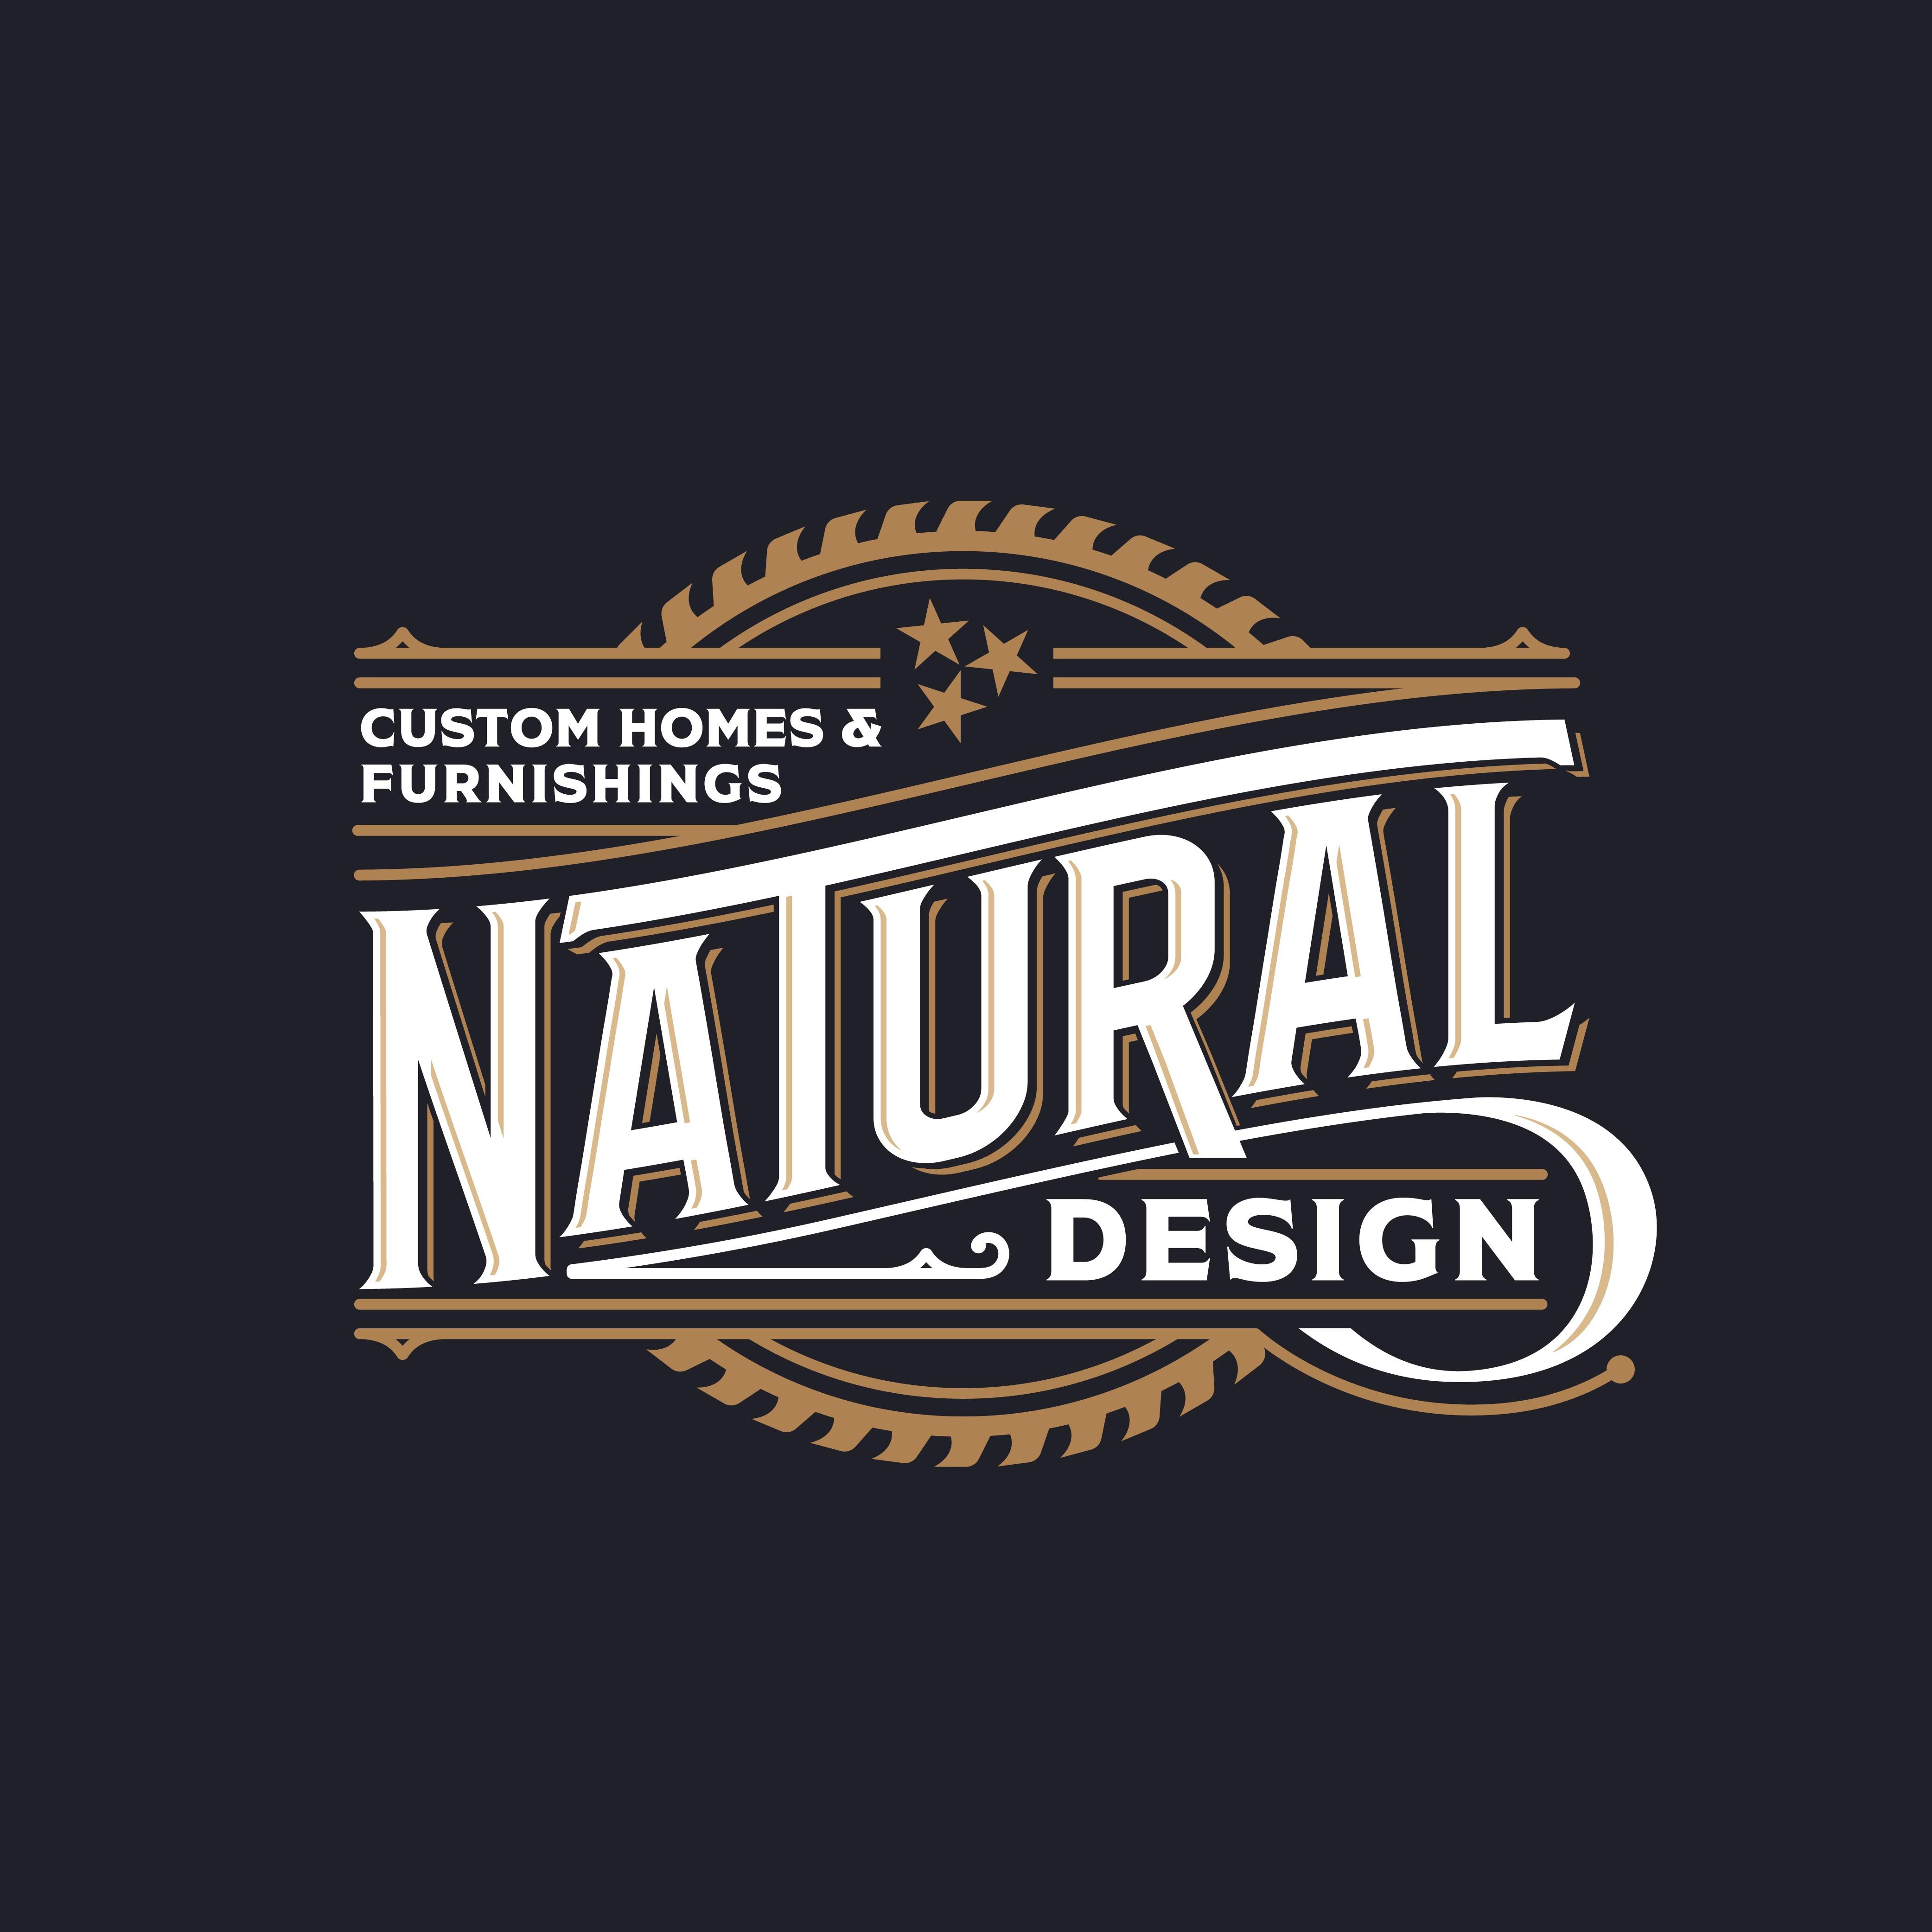 Re-create vintage logo for naturalDESIGN